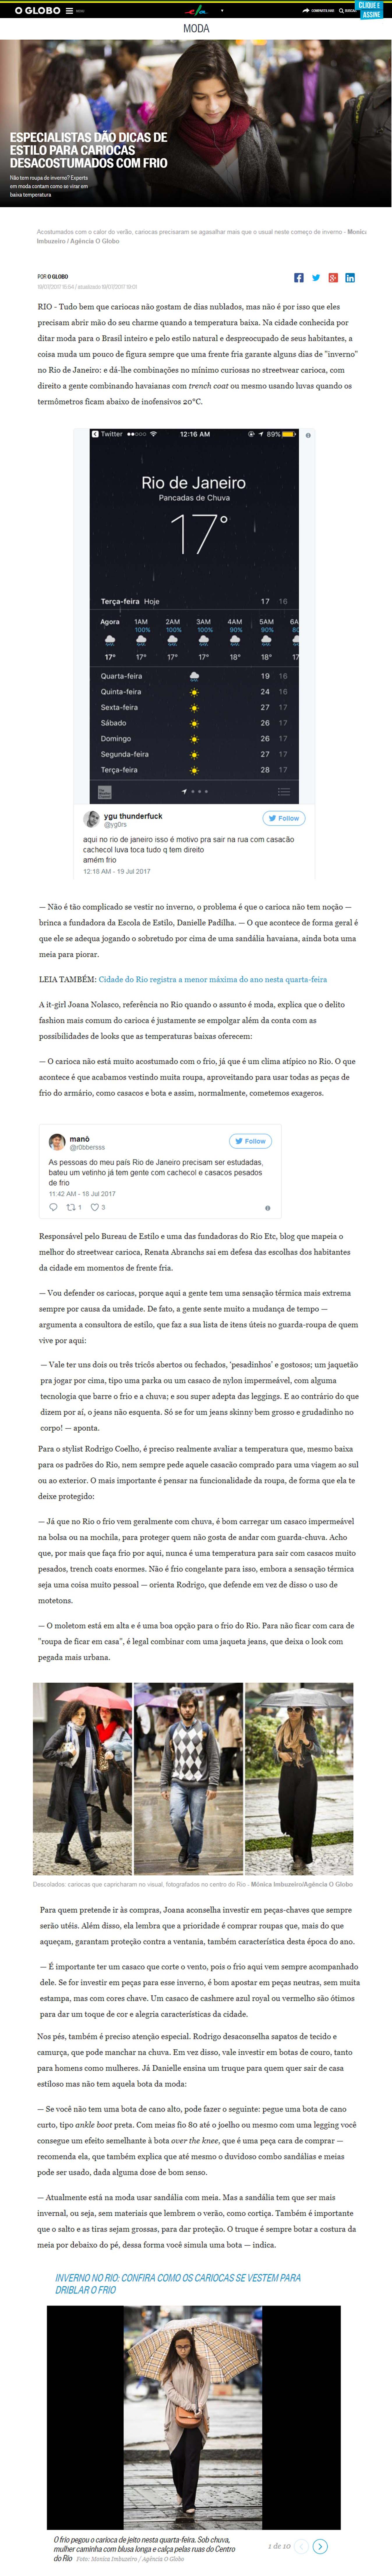 Bureau-de-Estilo_O-Globo-Ela_-_20-07-2017